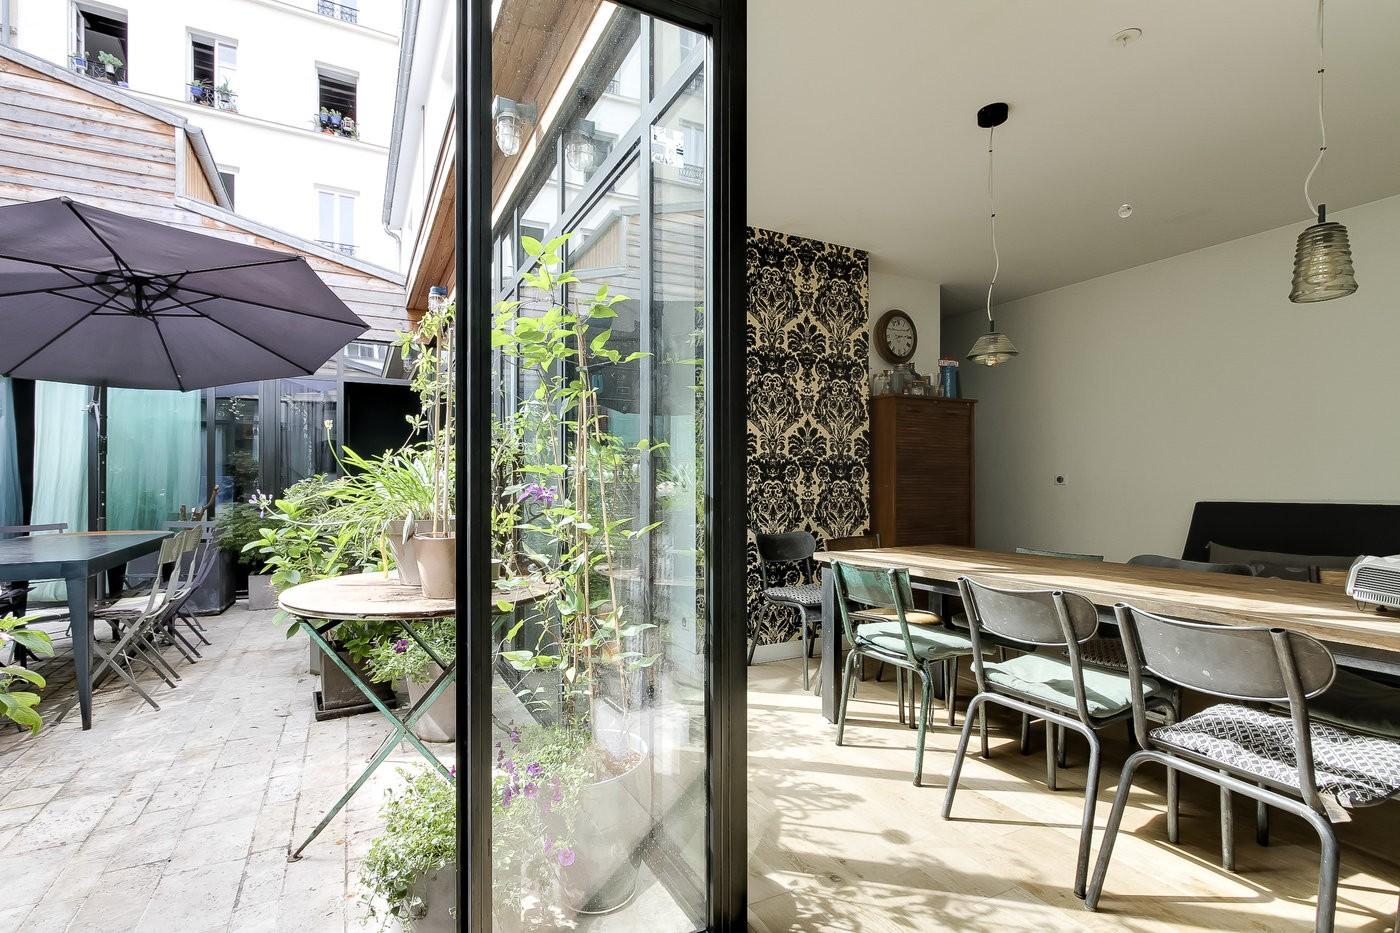 Vue double sur l'intérieur d'un loft moderne et de sa terrasse arborée